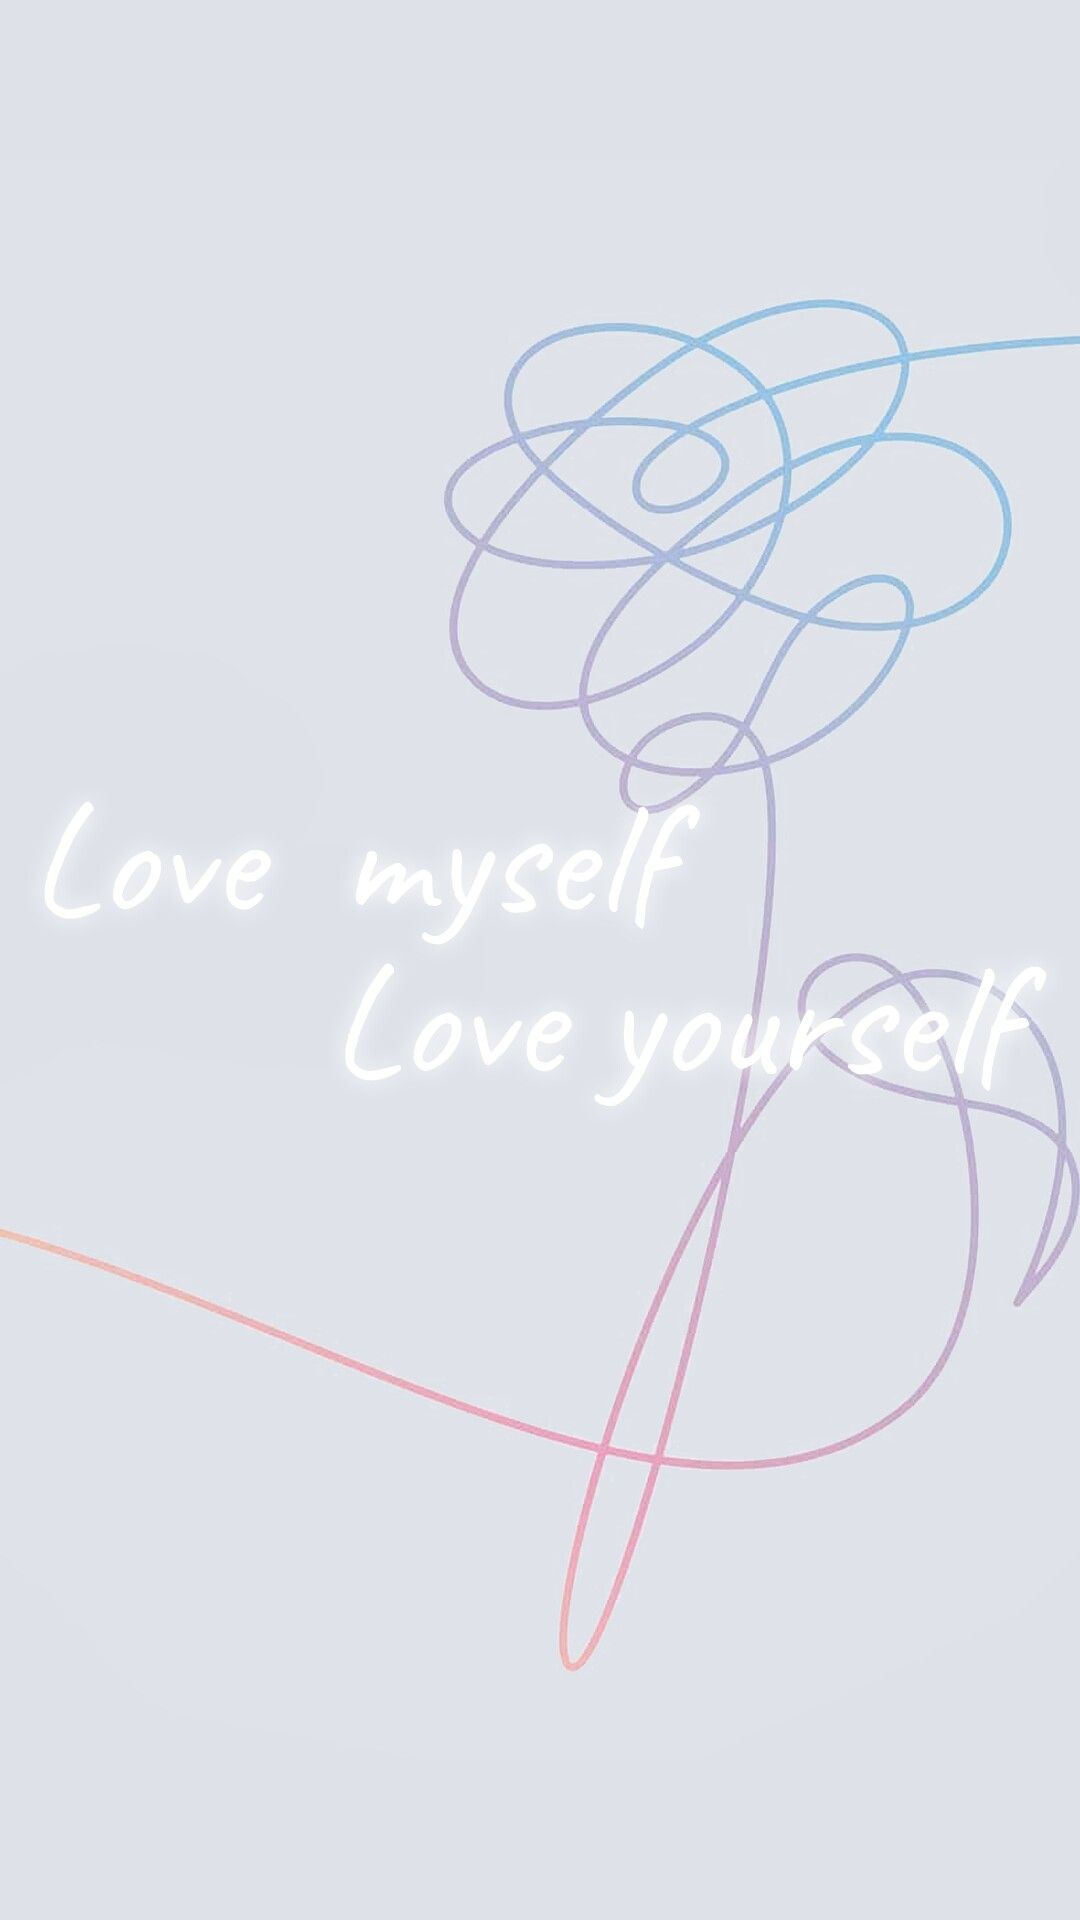 Love Myself Love Yourself Bts Bts Wallpaper Bts